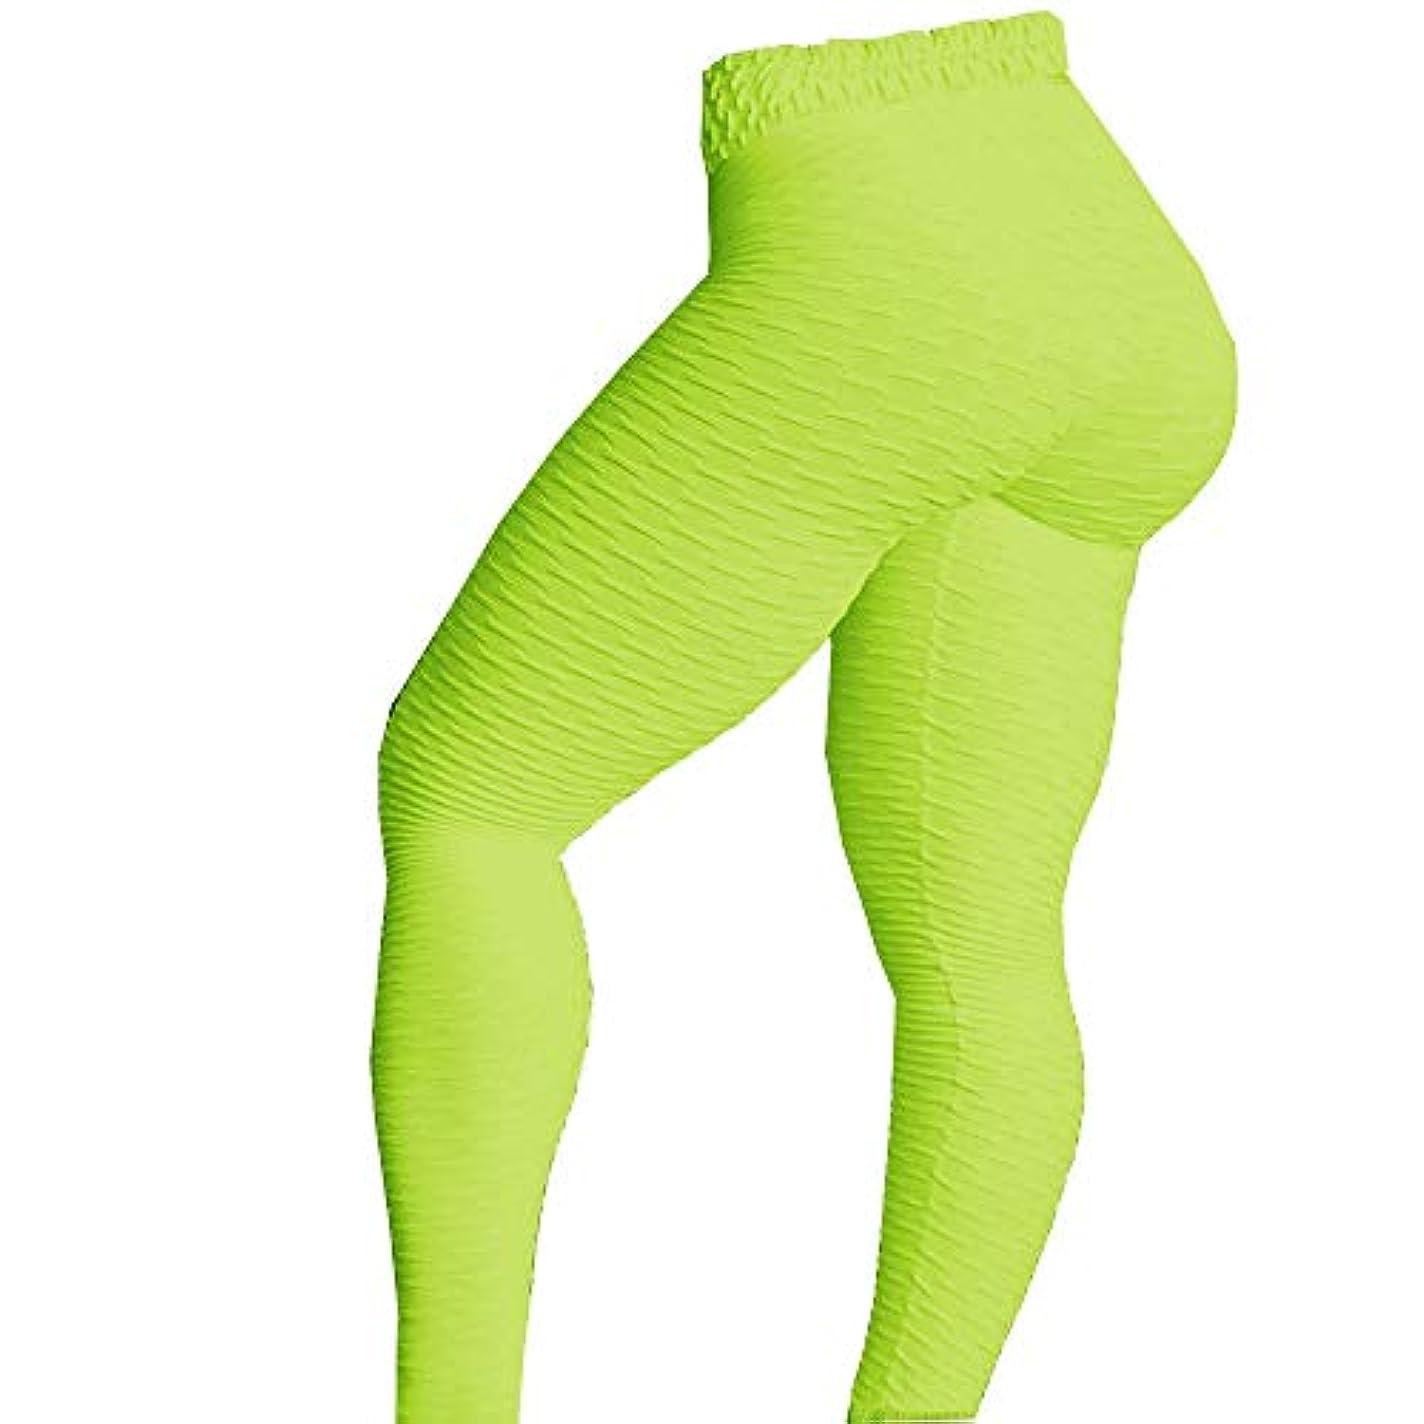 フリンジ凍った加速度MIFAN パンツ女性、ハイウエストパンツ、スキニーパンツ、ヨガレギンス、女性のズボン、ランニングパンツ、スポーツウェア